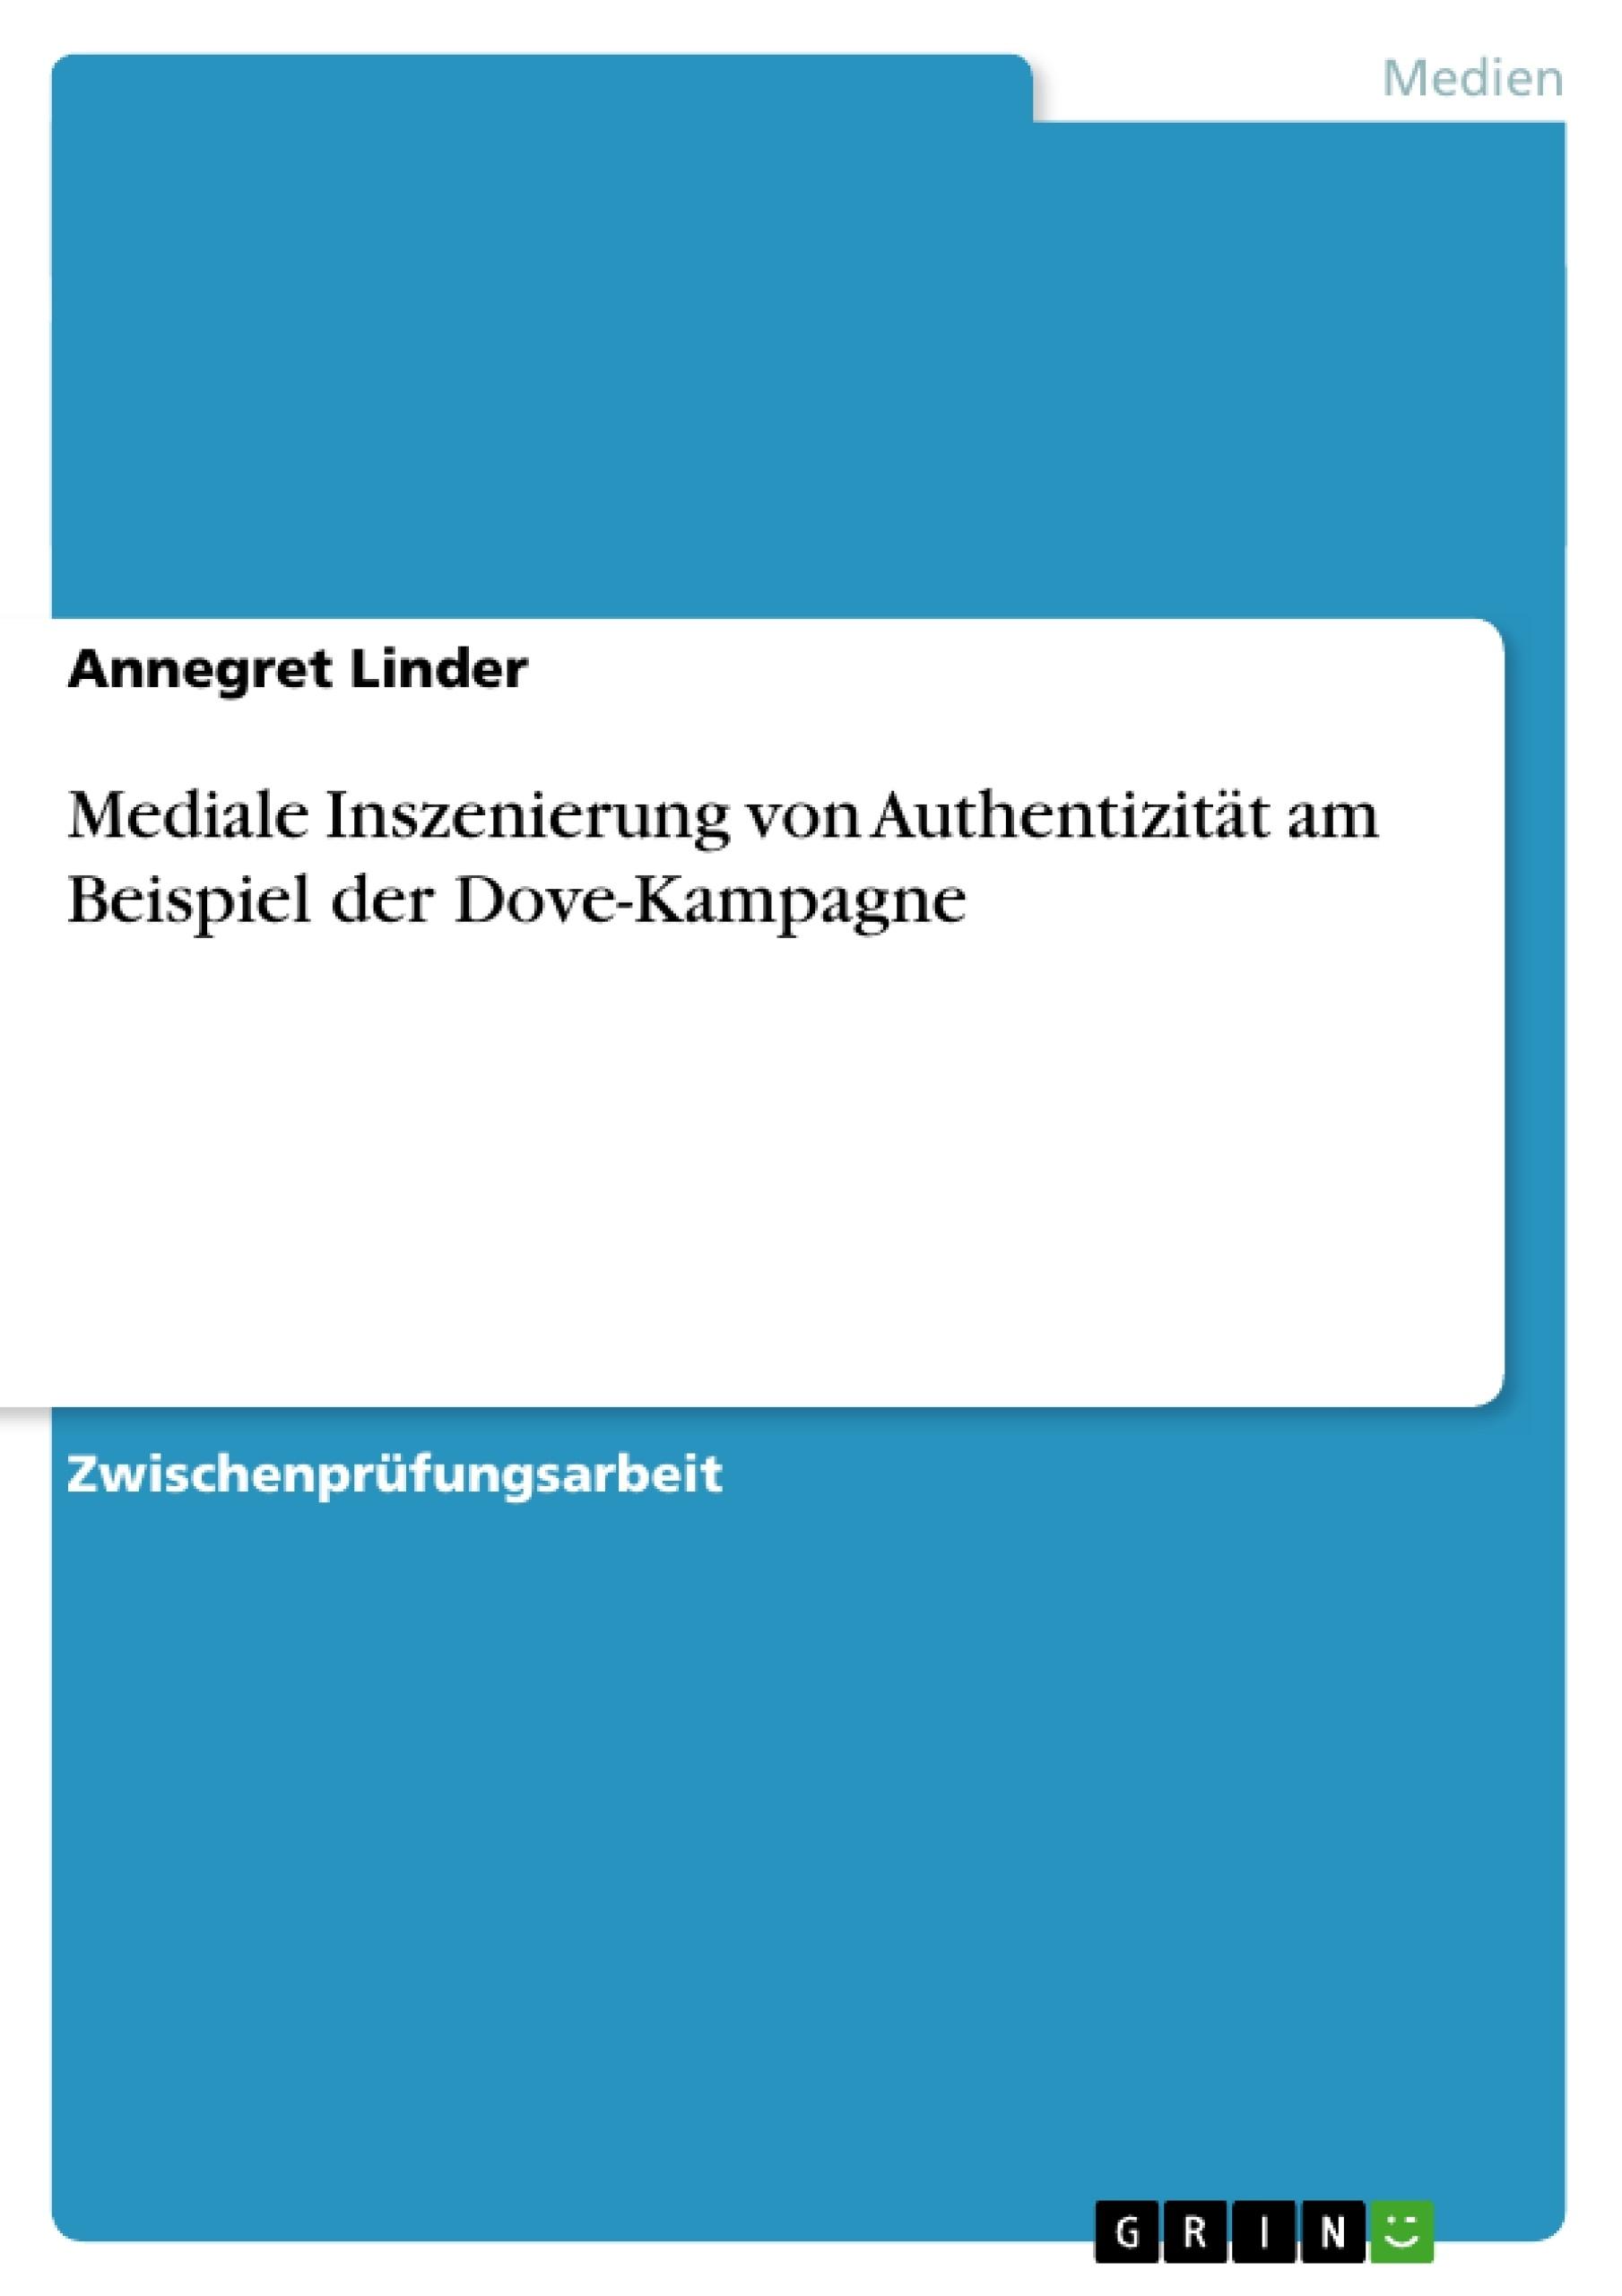 Titel: Mediale Inszenierung von Authentizität am Beispiel der Dove-Kampagne